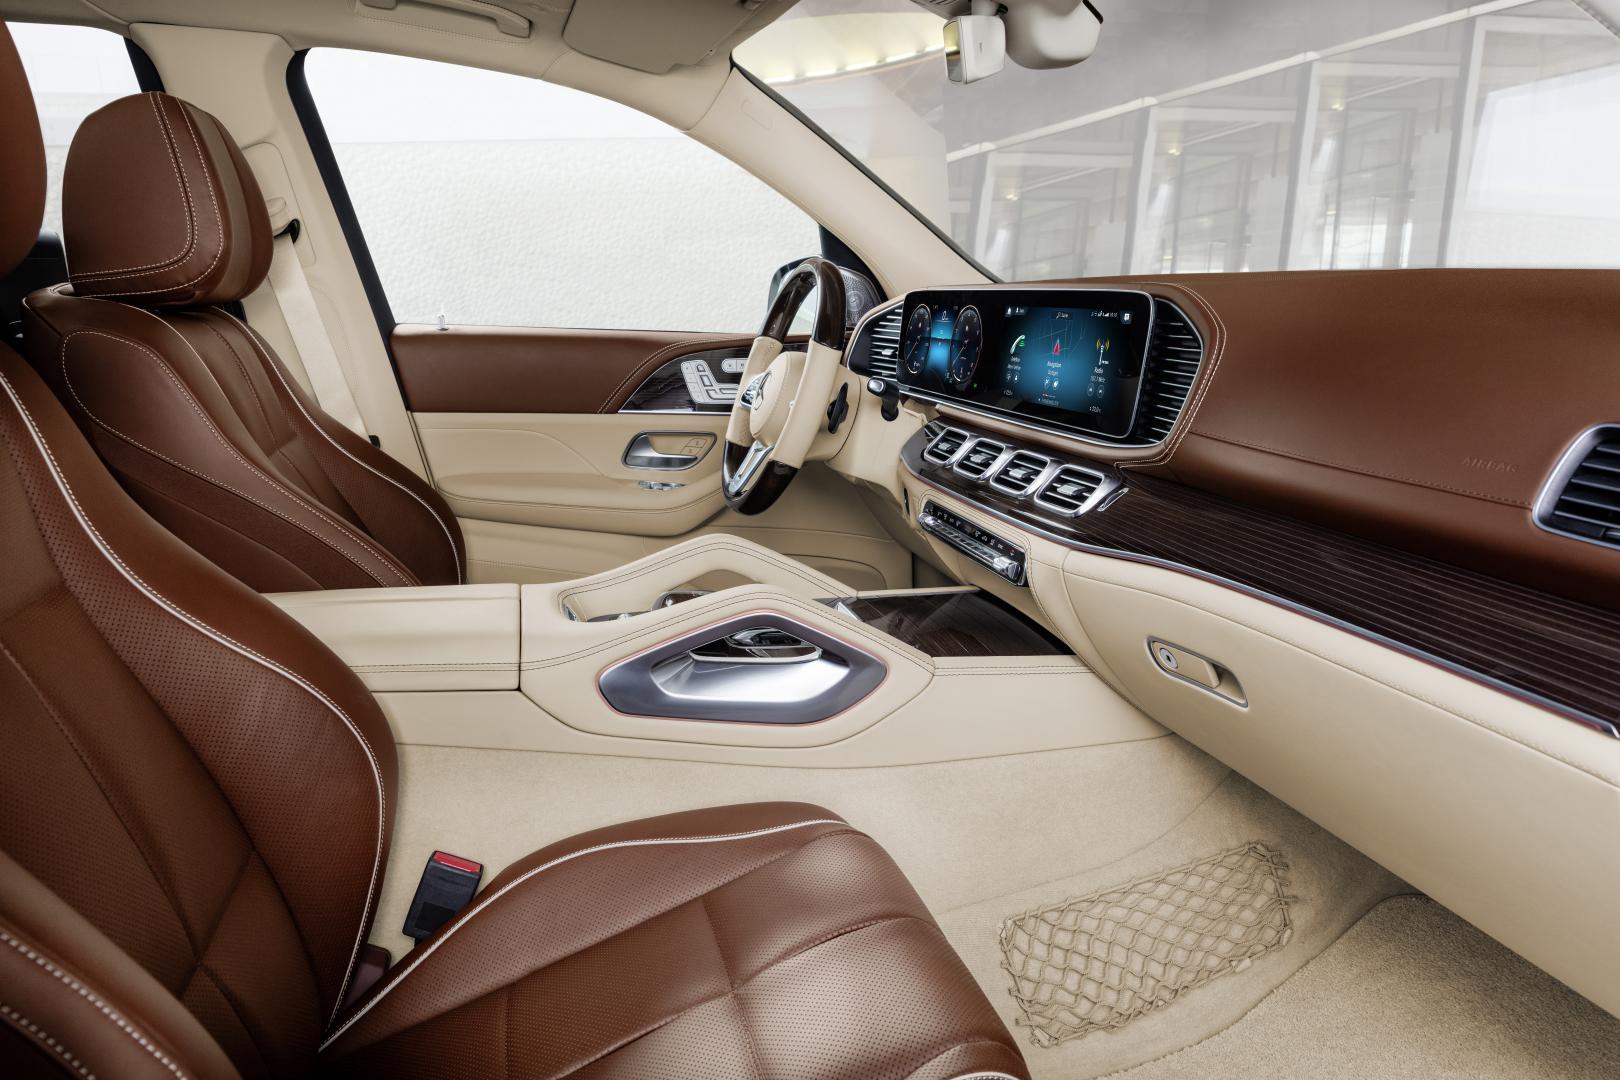 Mercedes-Maybach GLS 600 inMercedes-Maybach GLS 600 interieur stoelenterieur stoelen